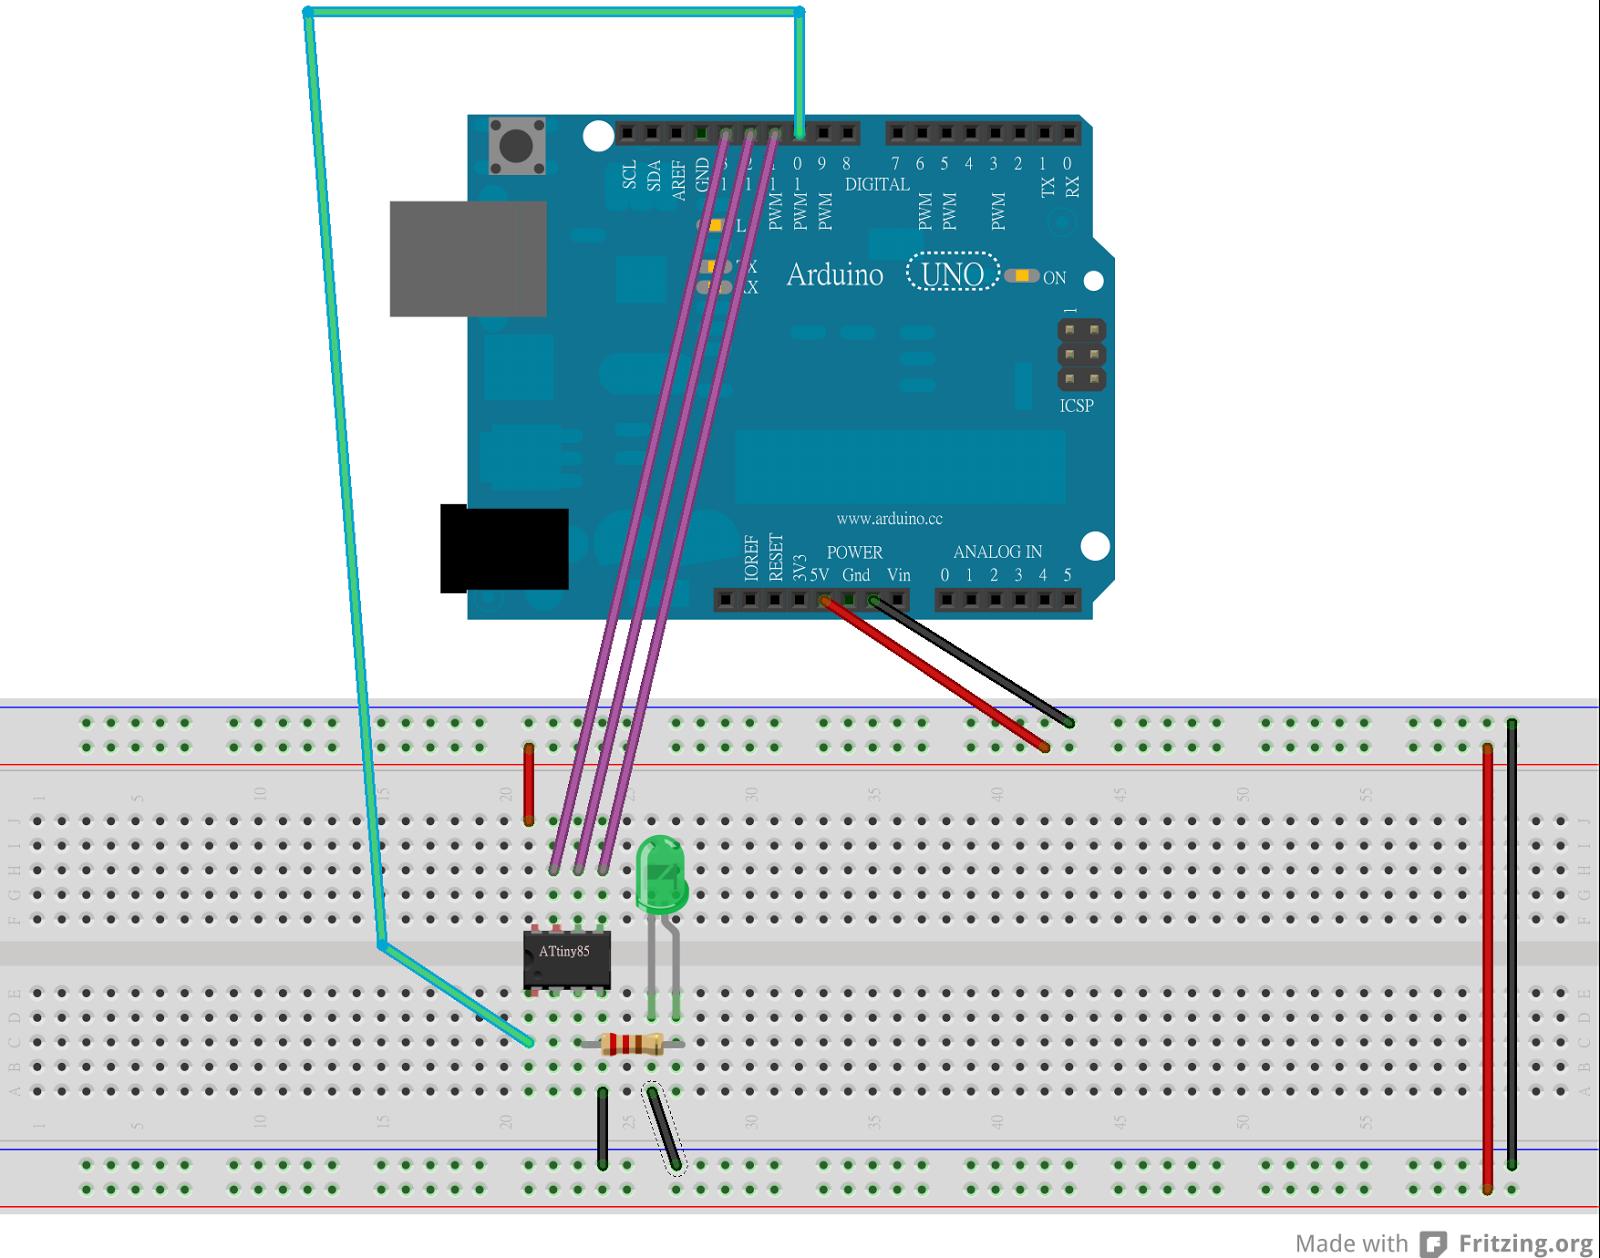 葉難 將arduino uno當做一台isp線上燒錄器,燒錄sketch到麵包板上的attiny pu晶片